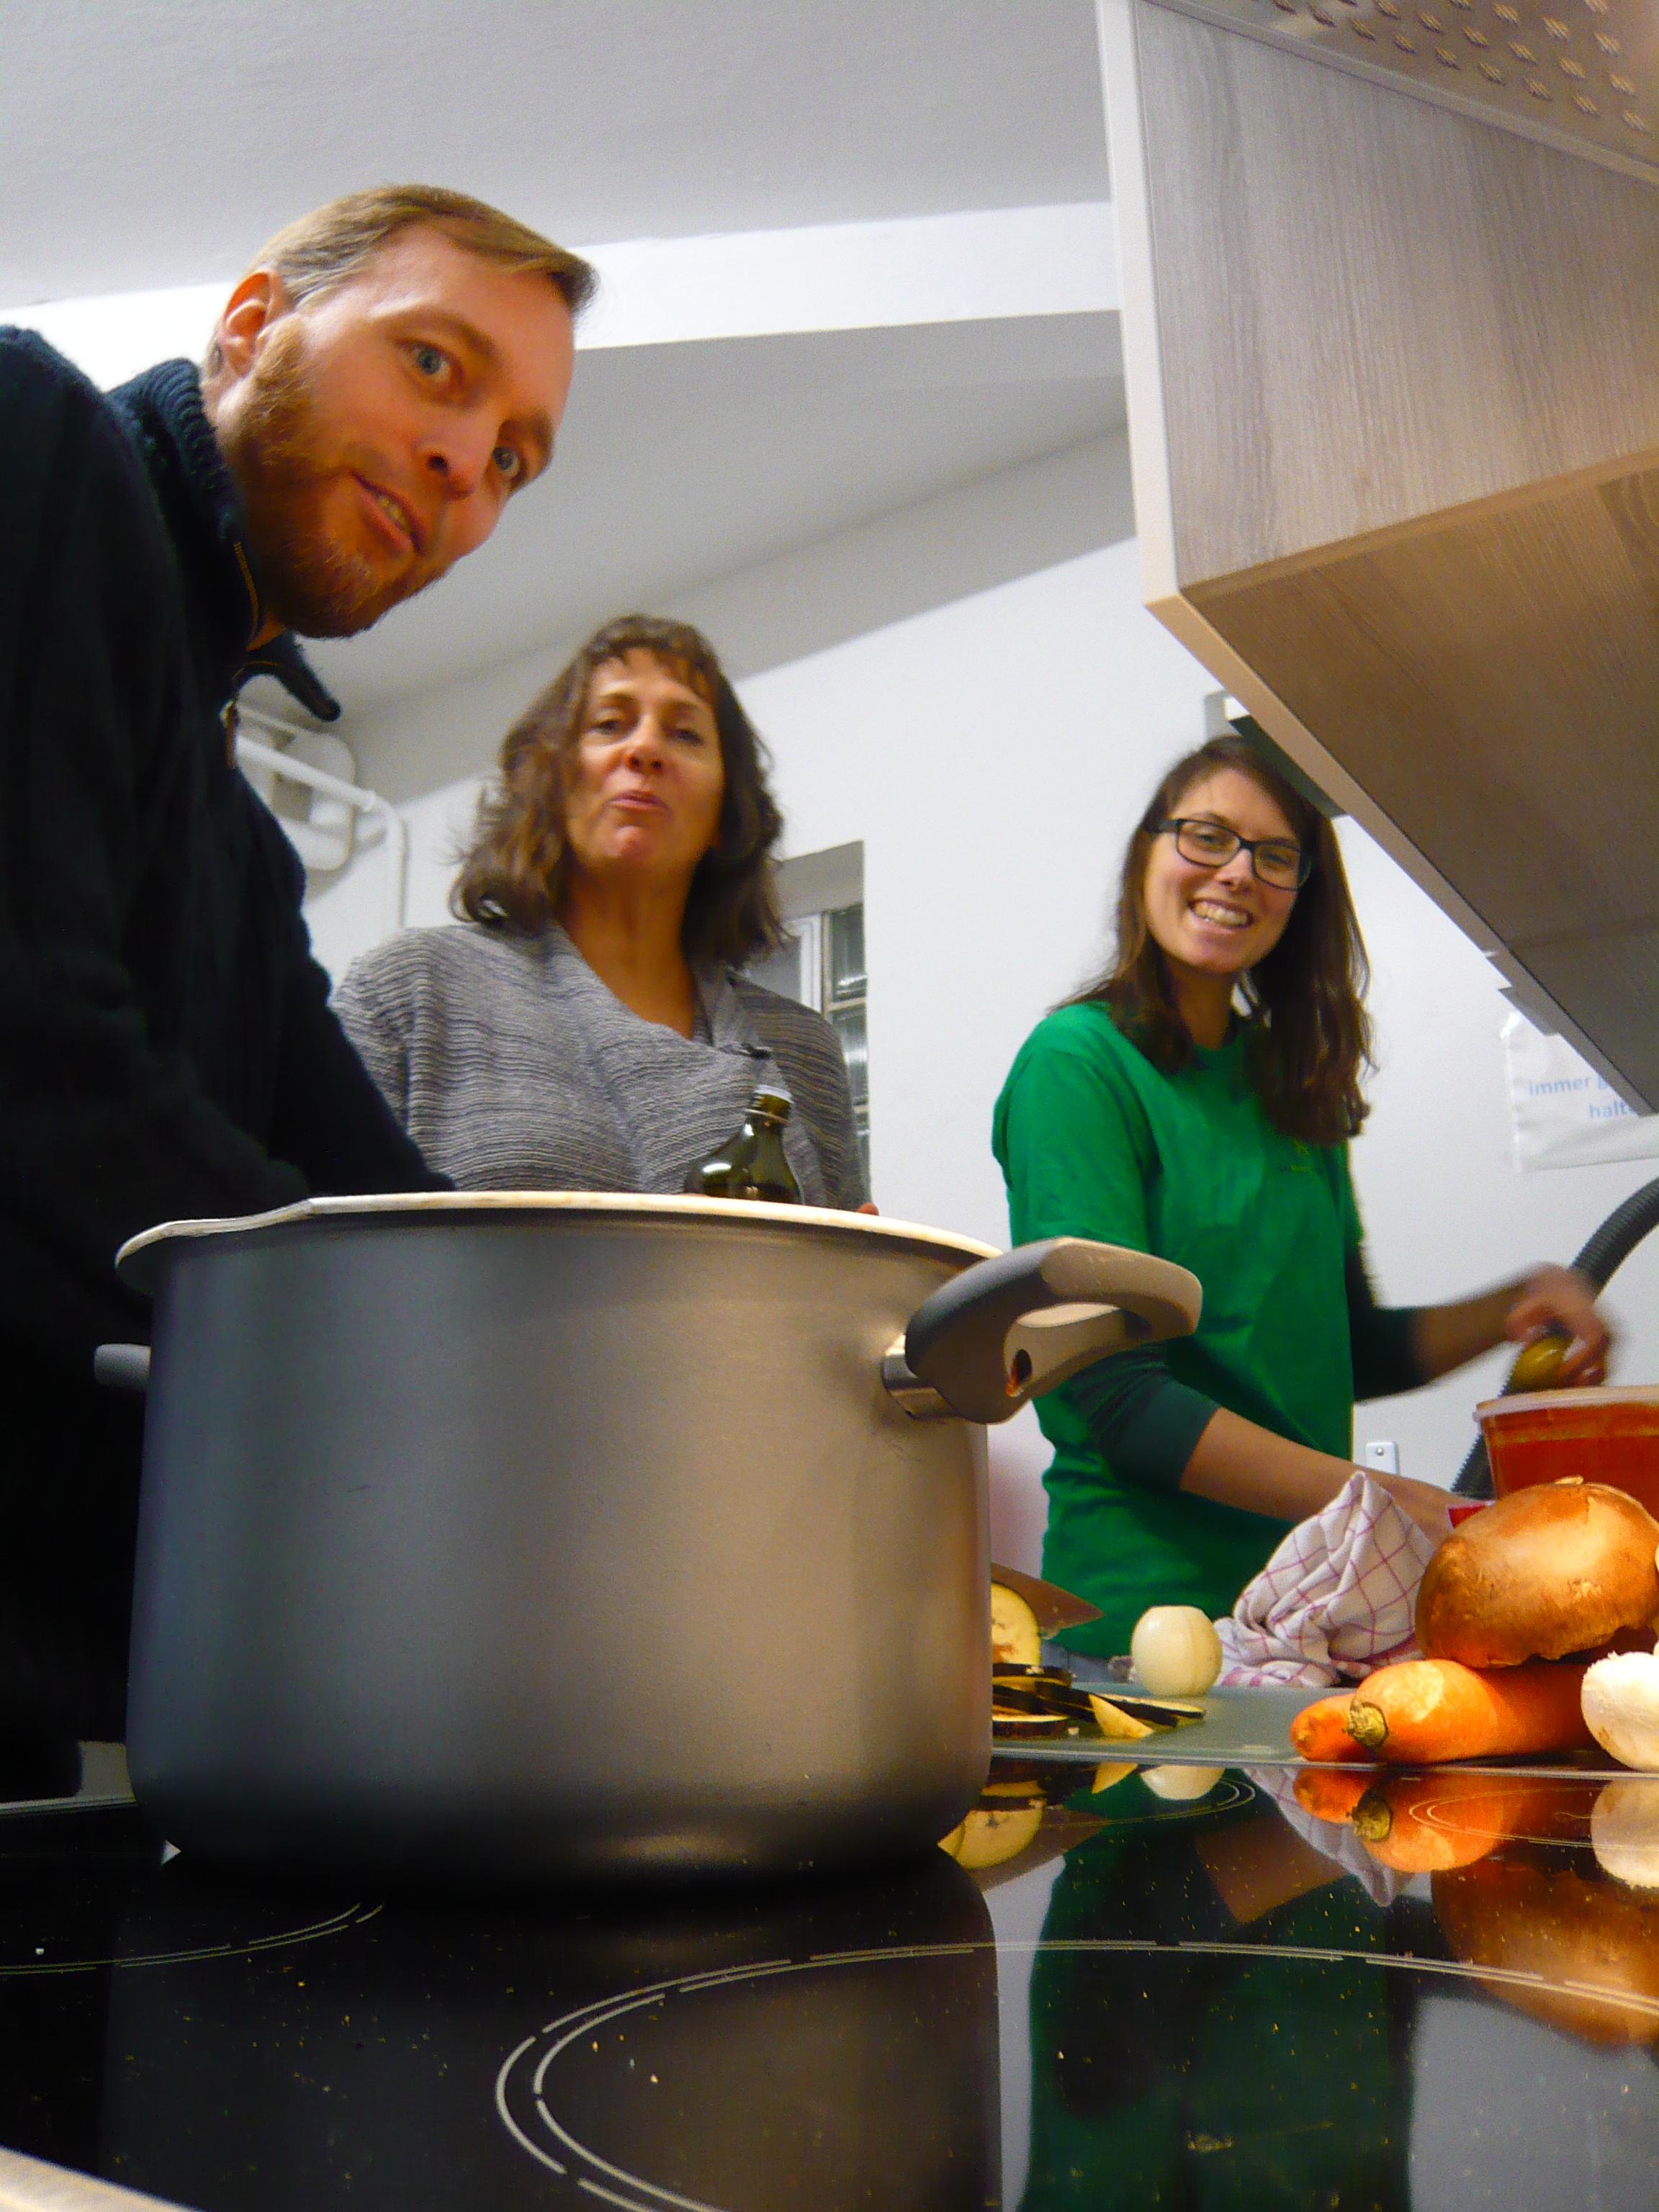 Foodsharing Infoabend mit Kochevent gut besucht